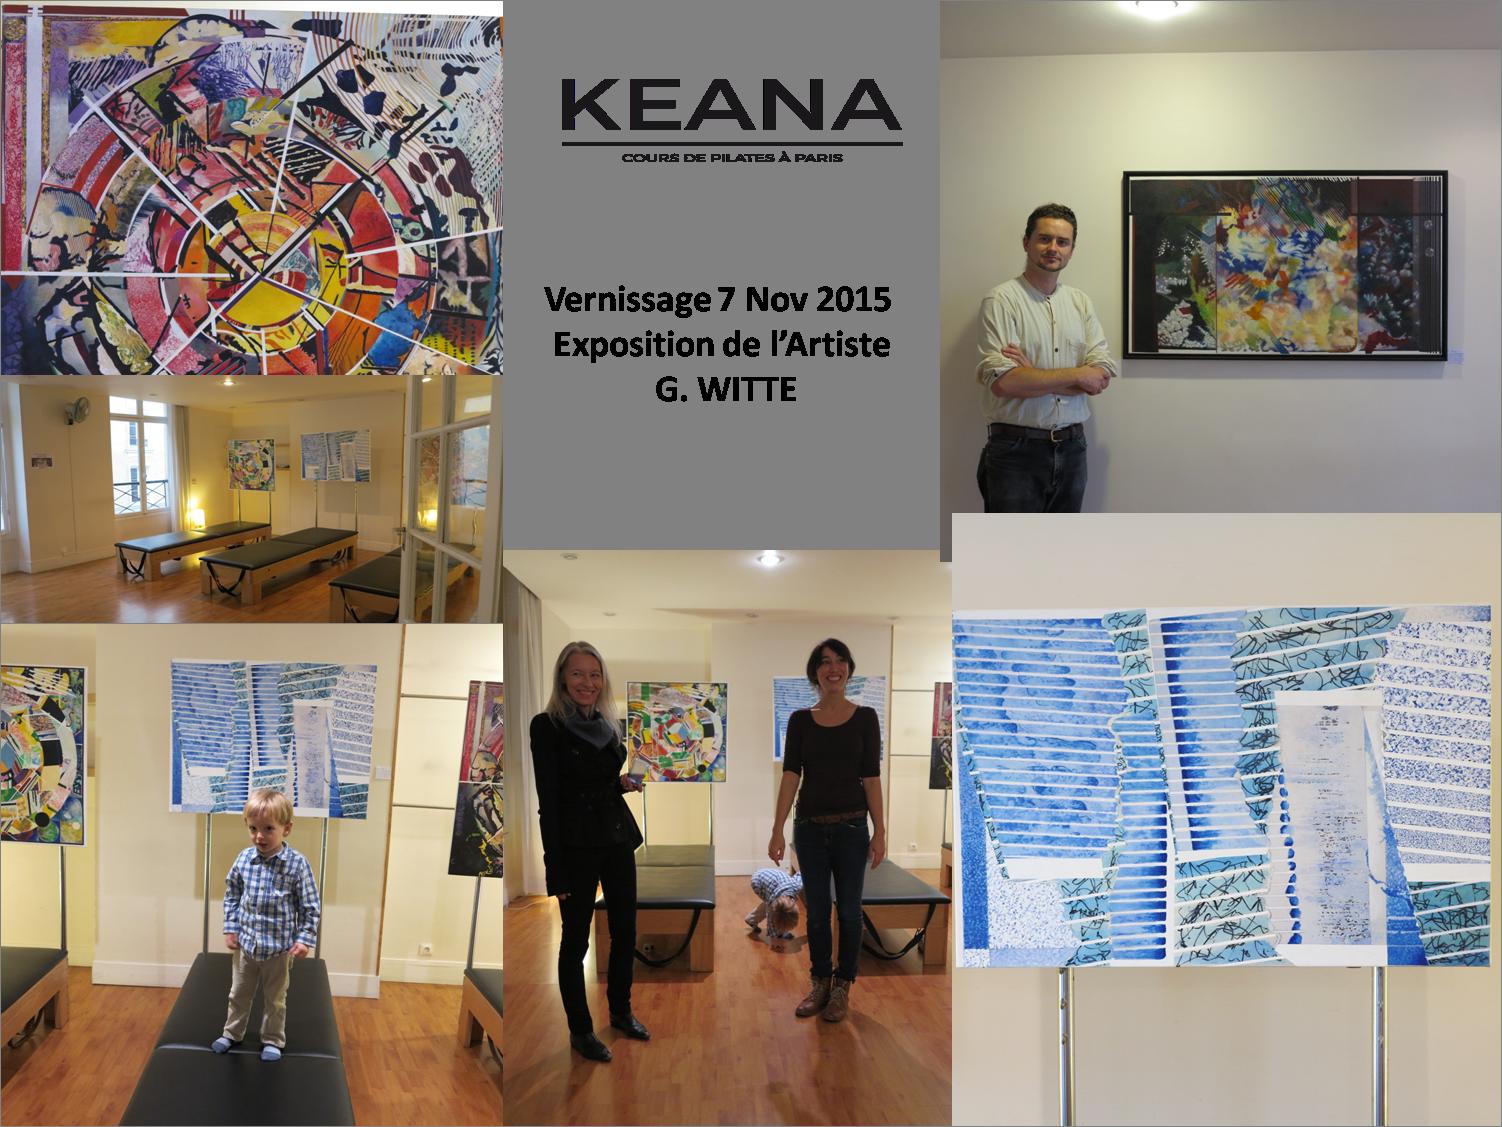 Le studio Keana fier de recevoir l'artiste G.WITTE